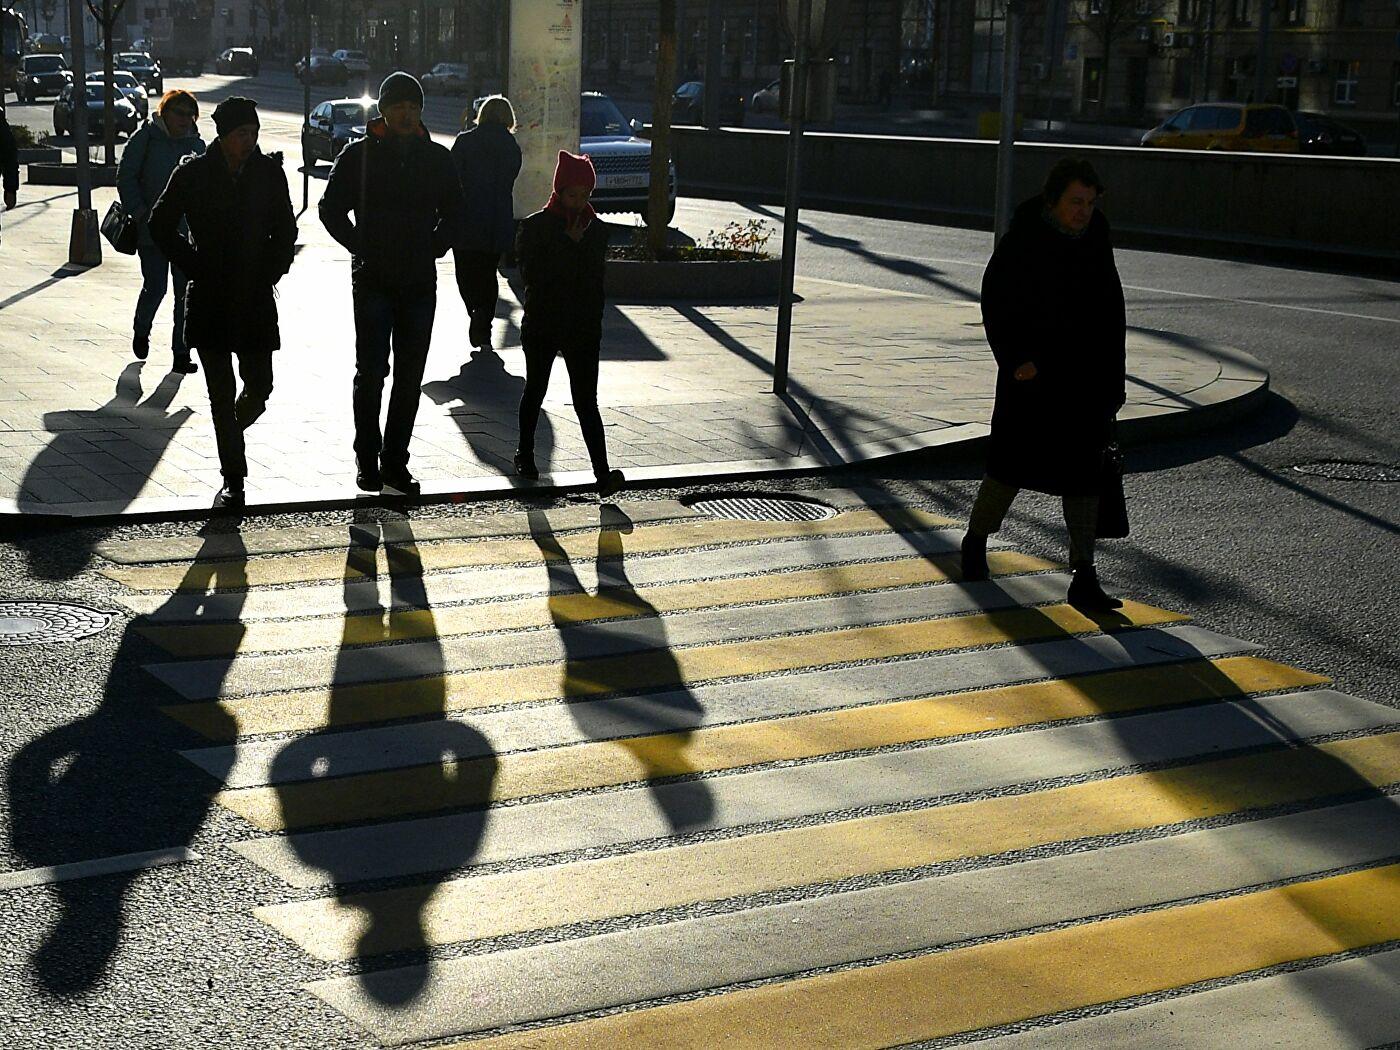 Максим Ликсутов рассказал о запланированных улучшениях инфраструктуры Москвы, предназначенных для повышения комфорта и безопасности пешеходов